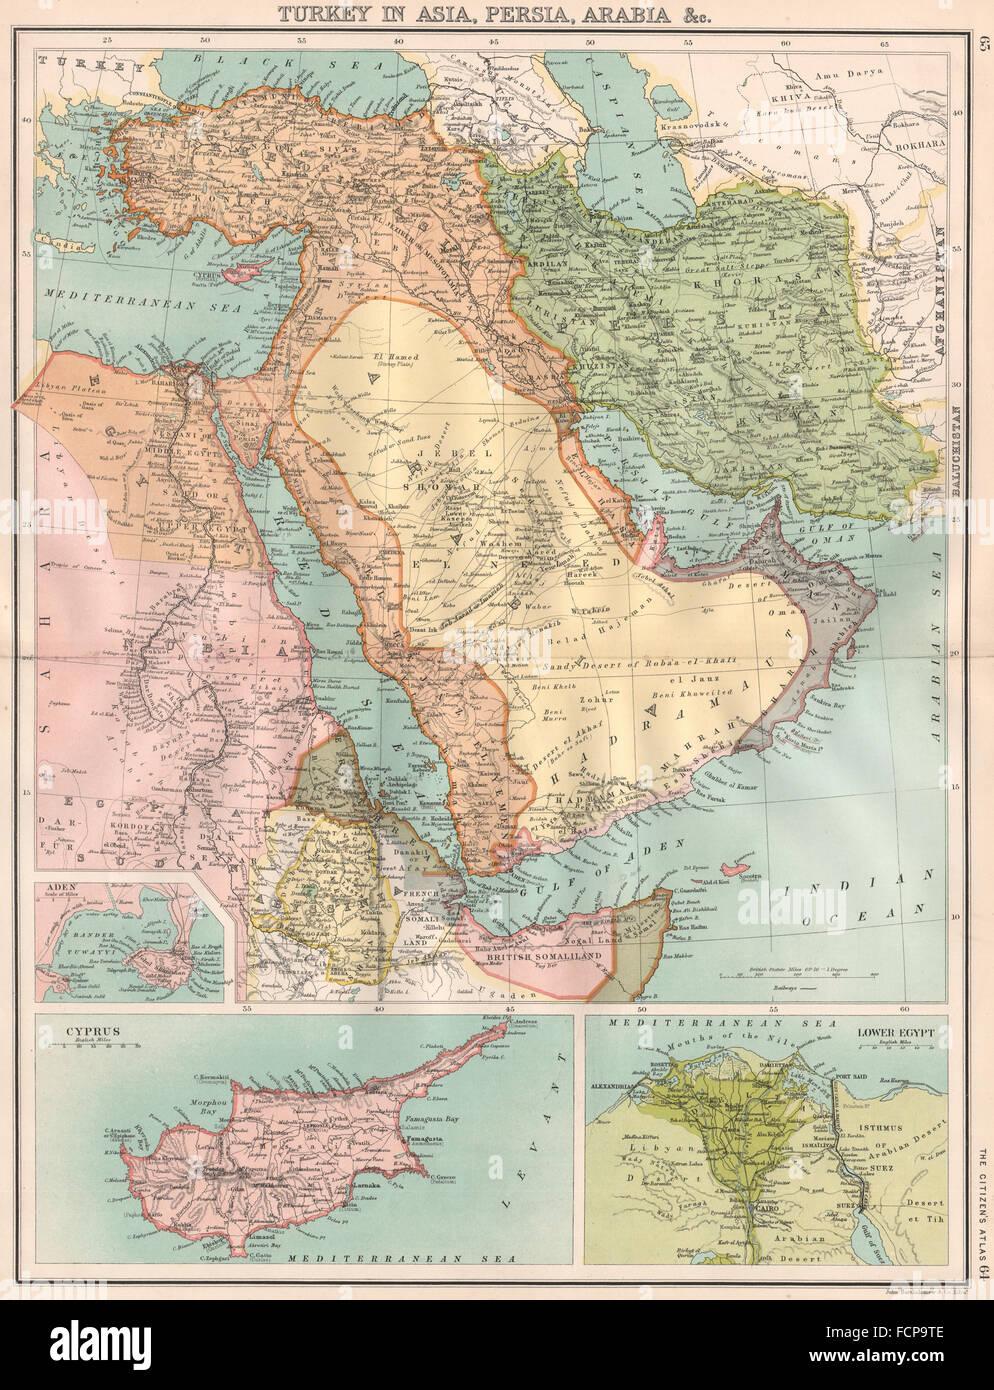 Map of egypt and turkey stock photos map of egypt and turkey stock middle eastturkey in asia persiairanarabia cyprus nilertholomew gumiabroncs Choice Image